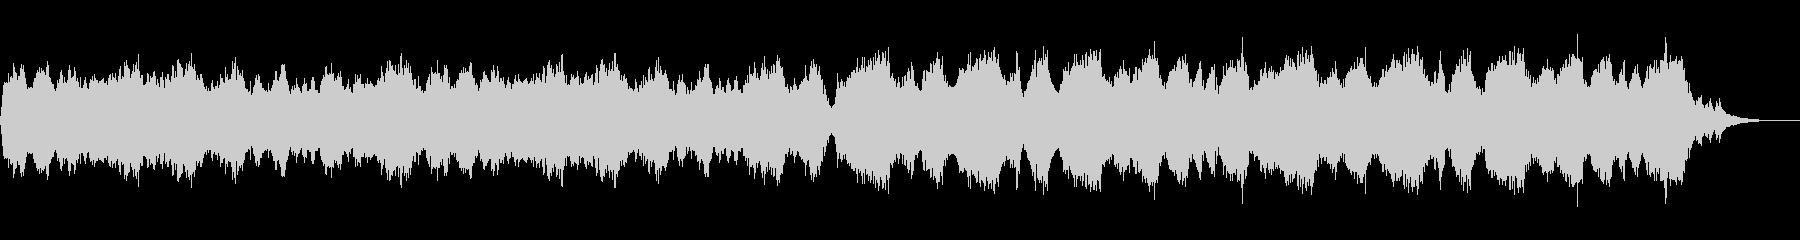 テーマ「涙の疾走」60秒の未再生の波形